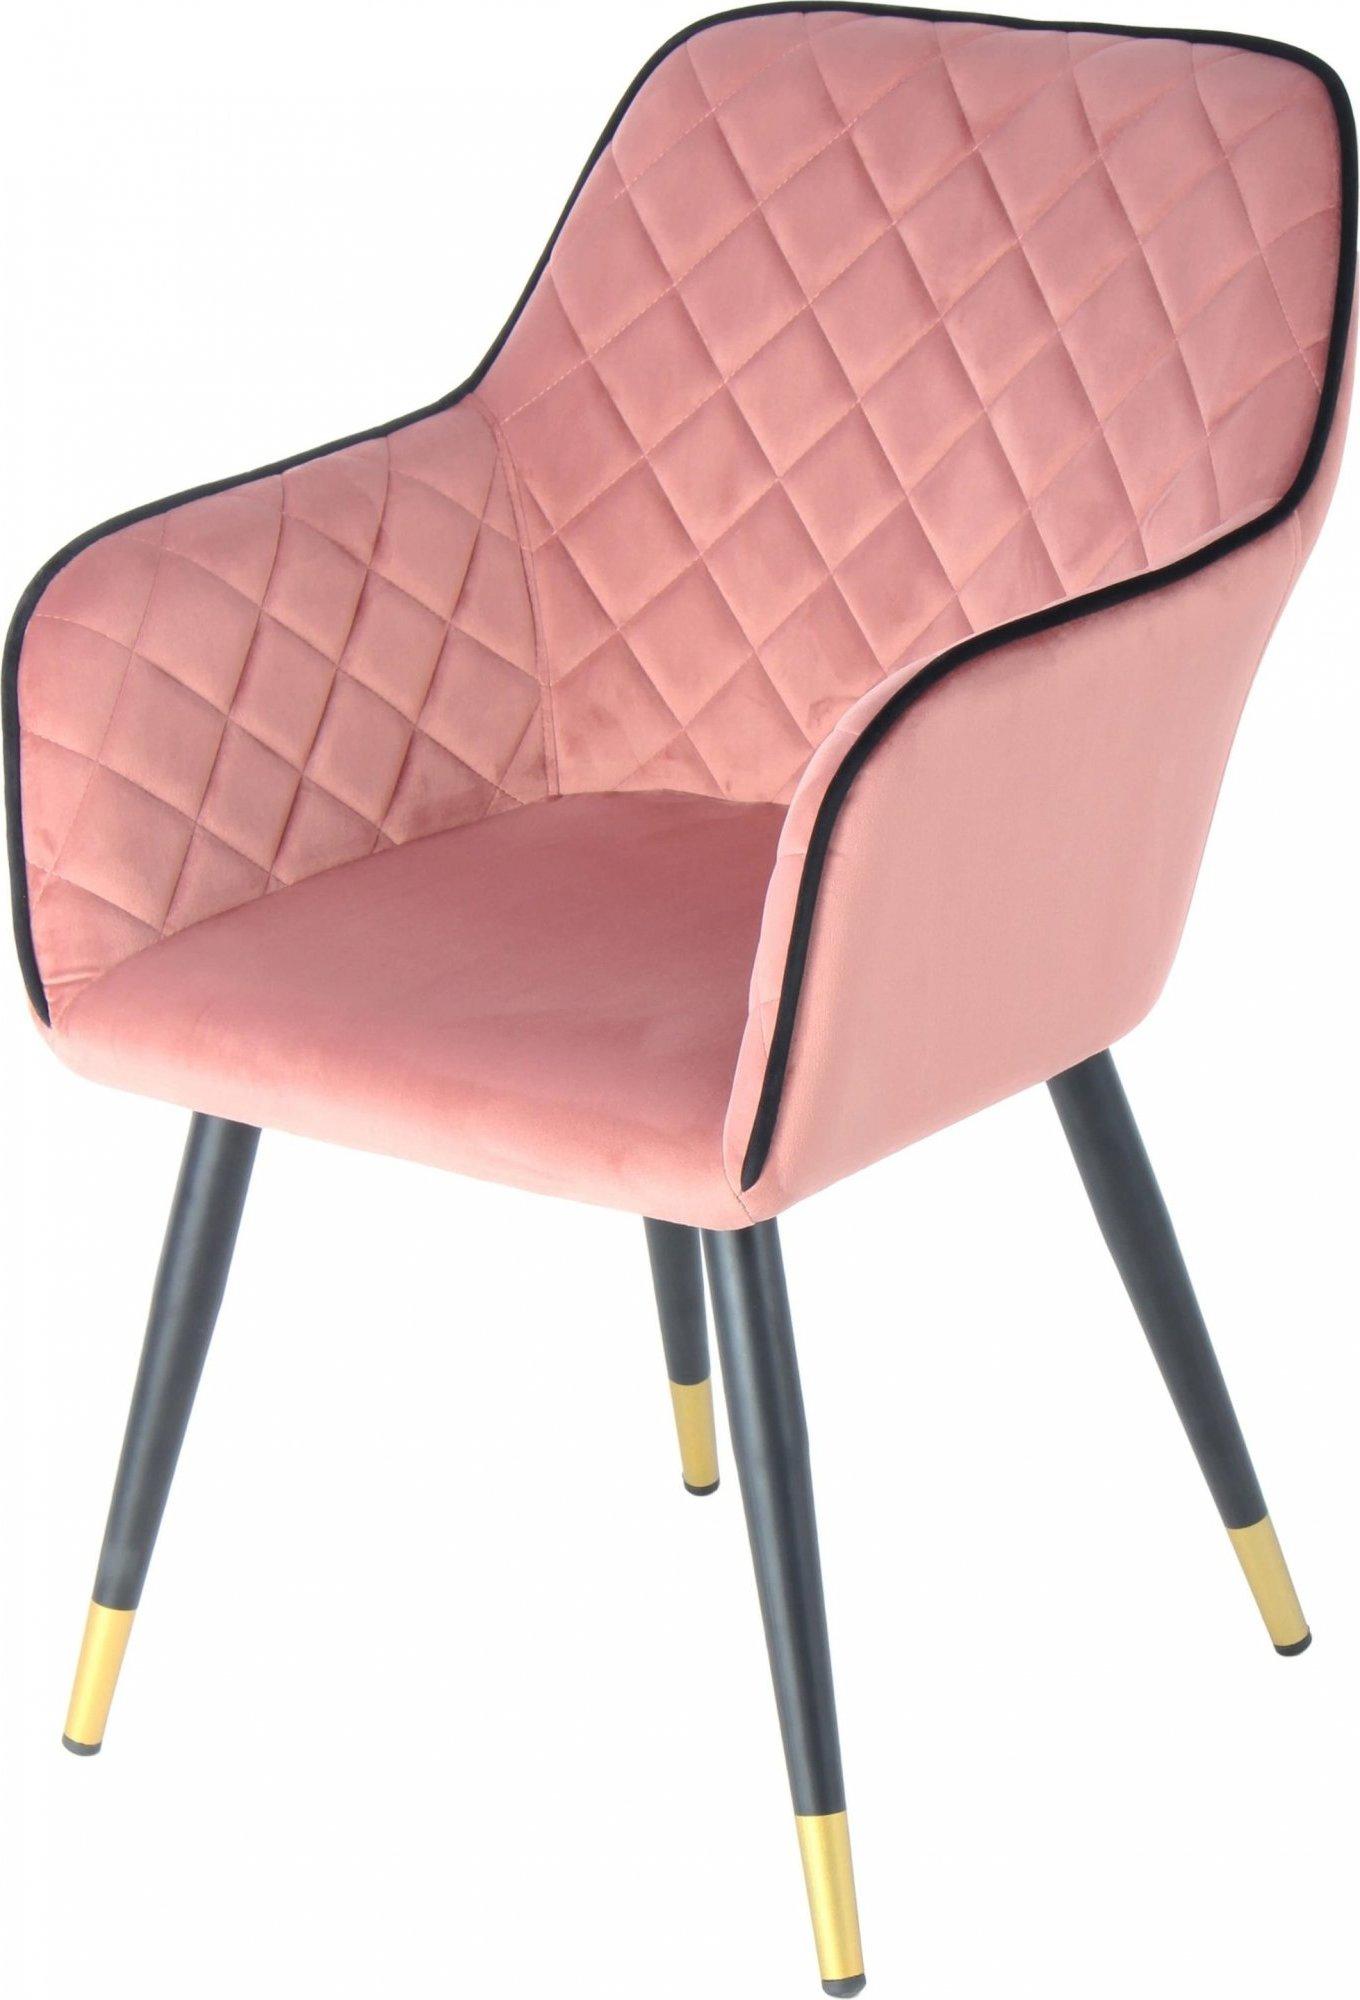 Fauteuil design rembourrée velours rose pieds noir et doré